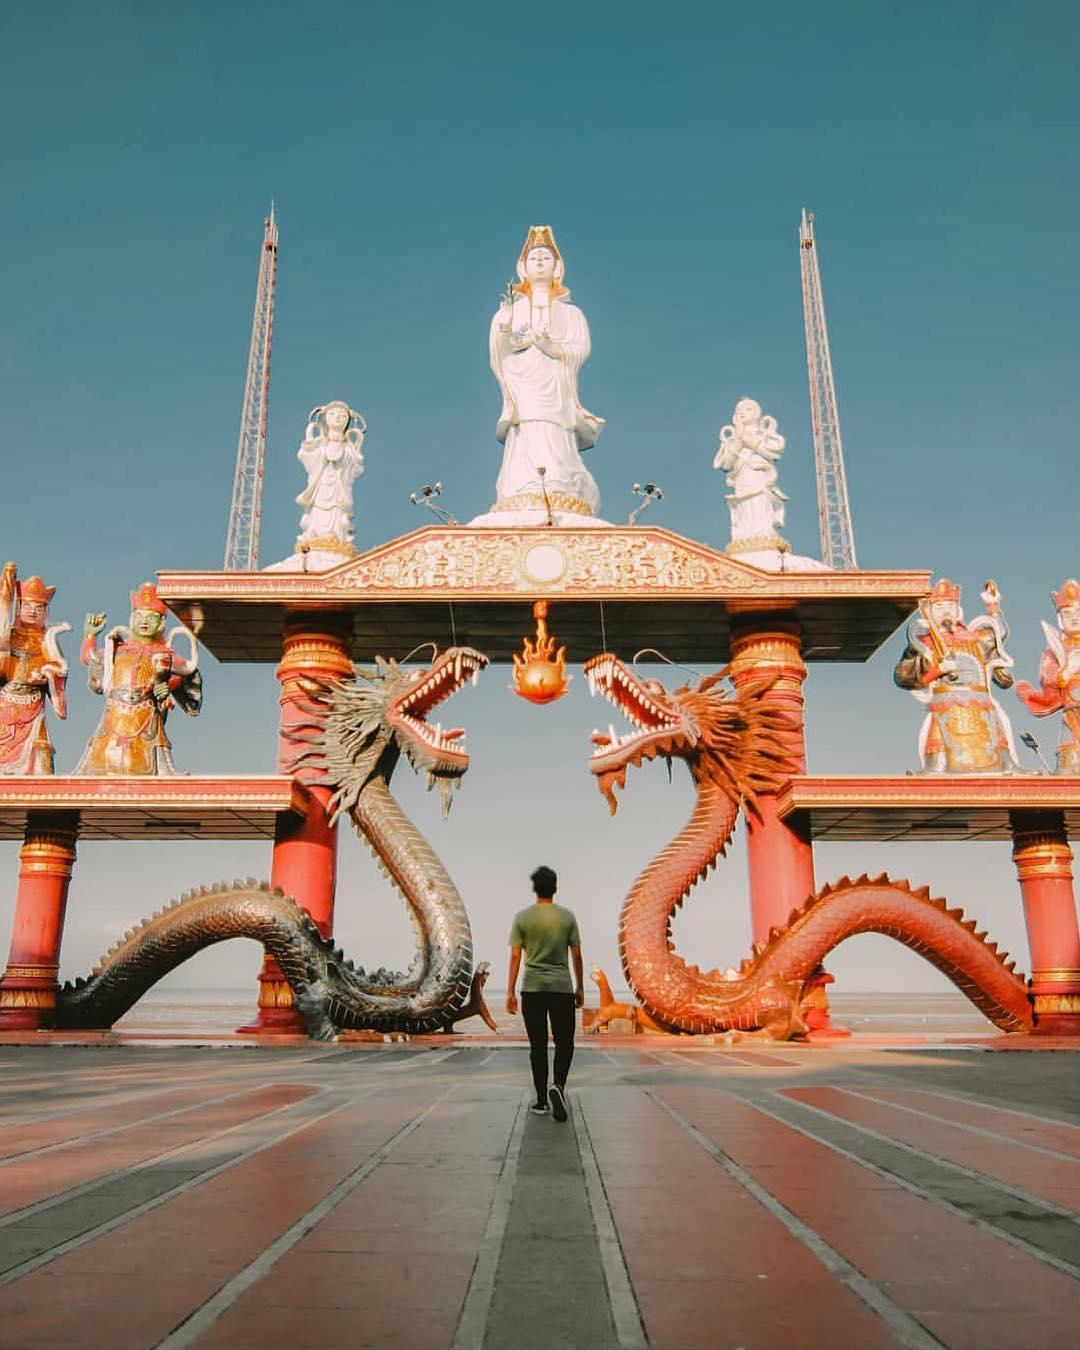 Sanggar Agung Temple - IG @gigihprayogo_